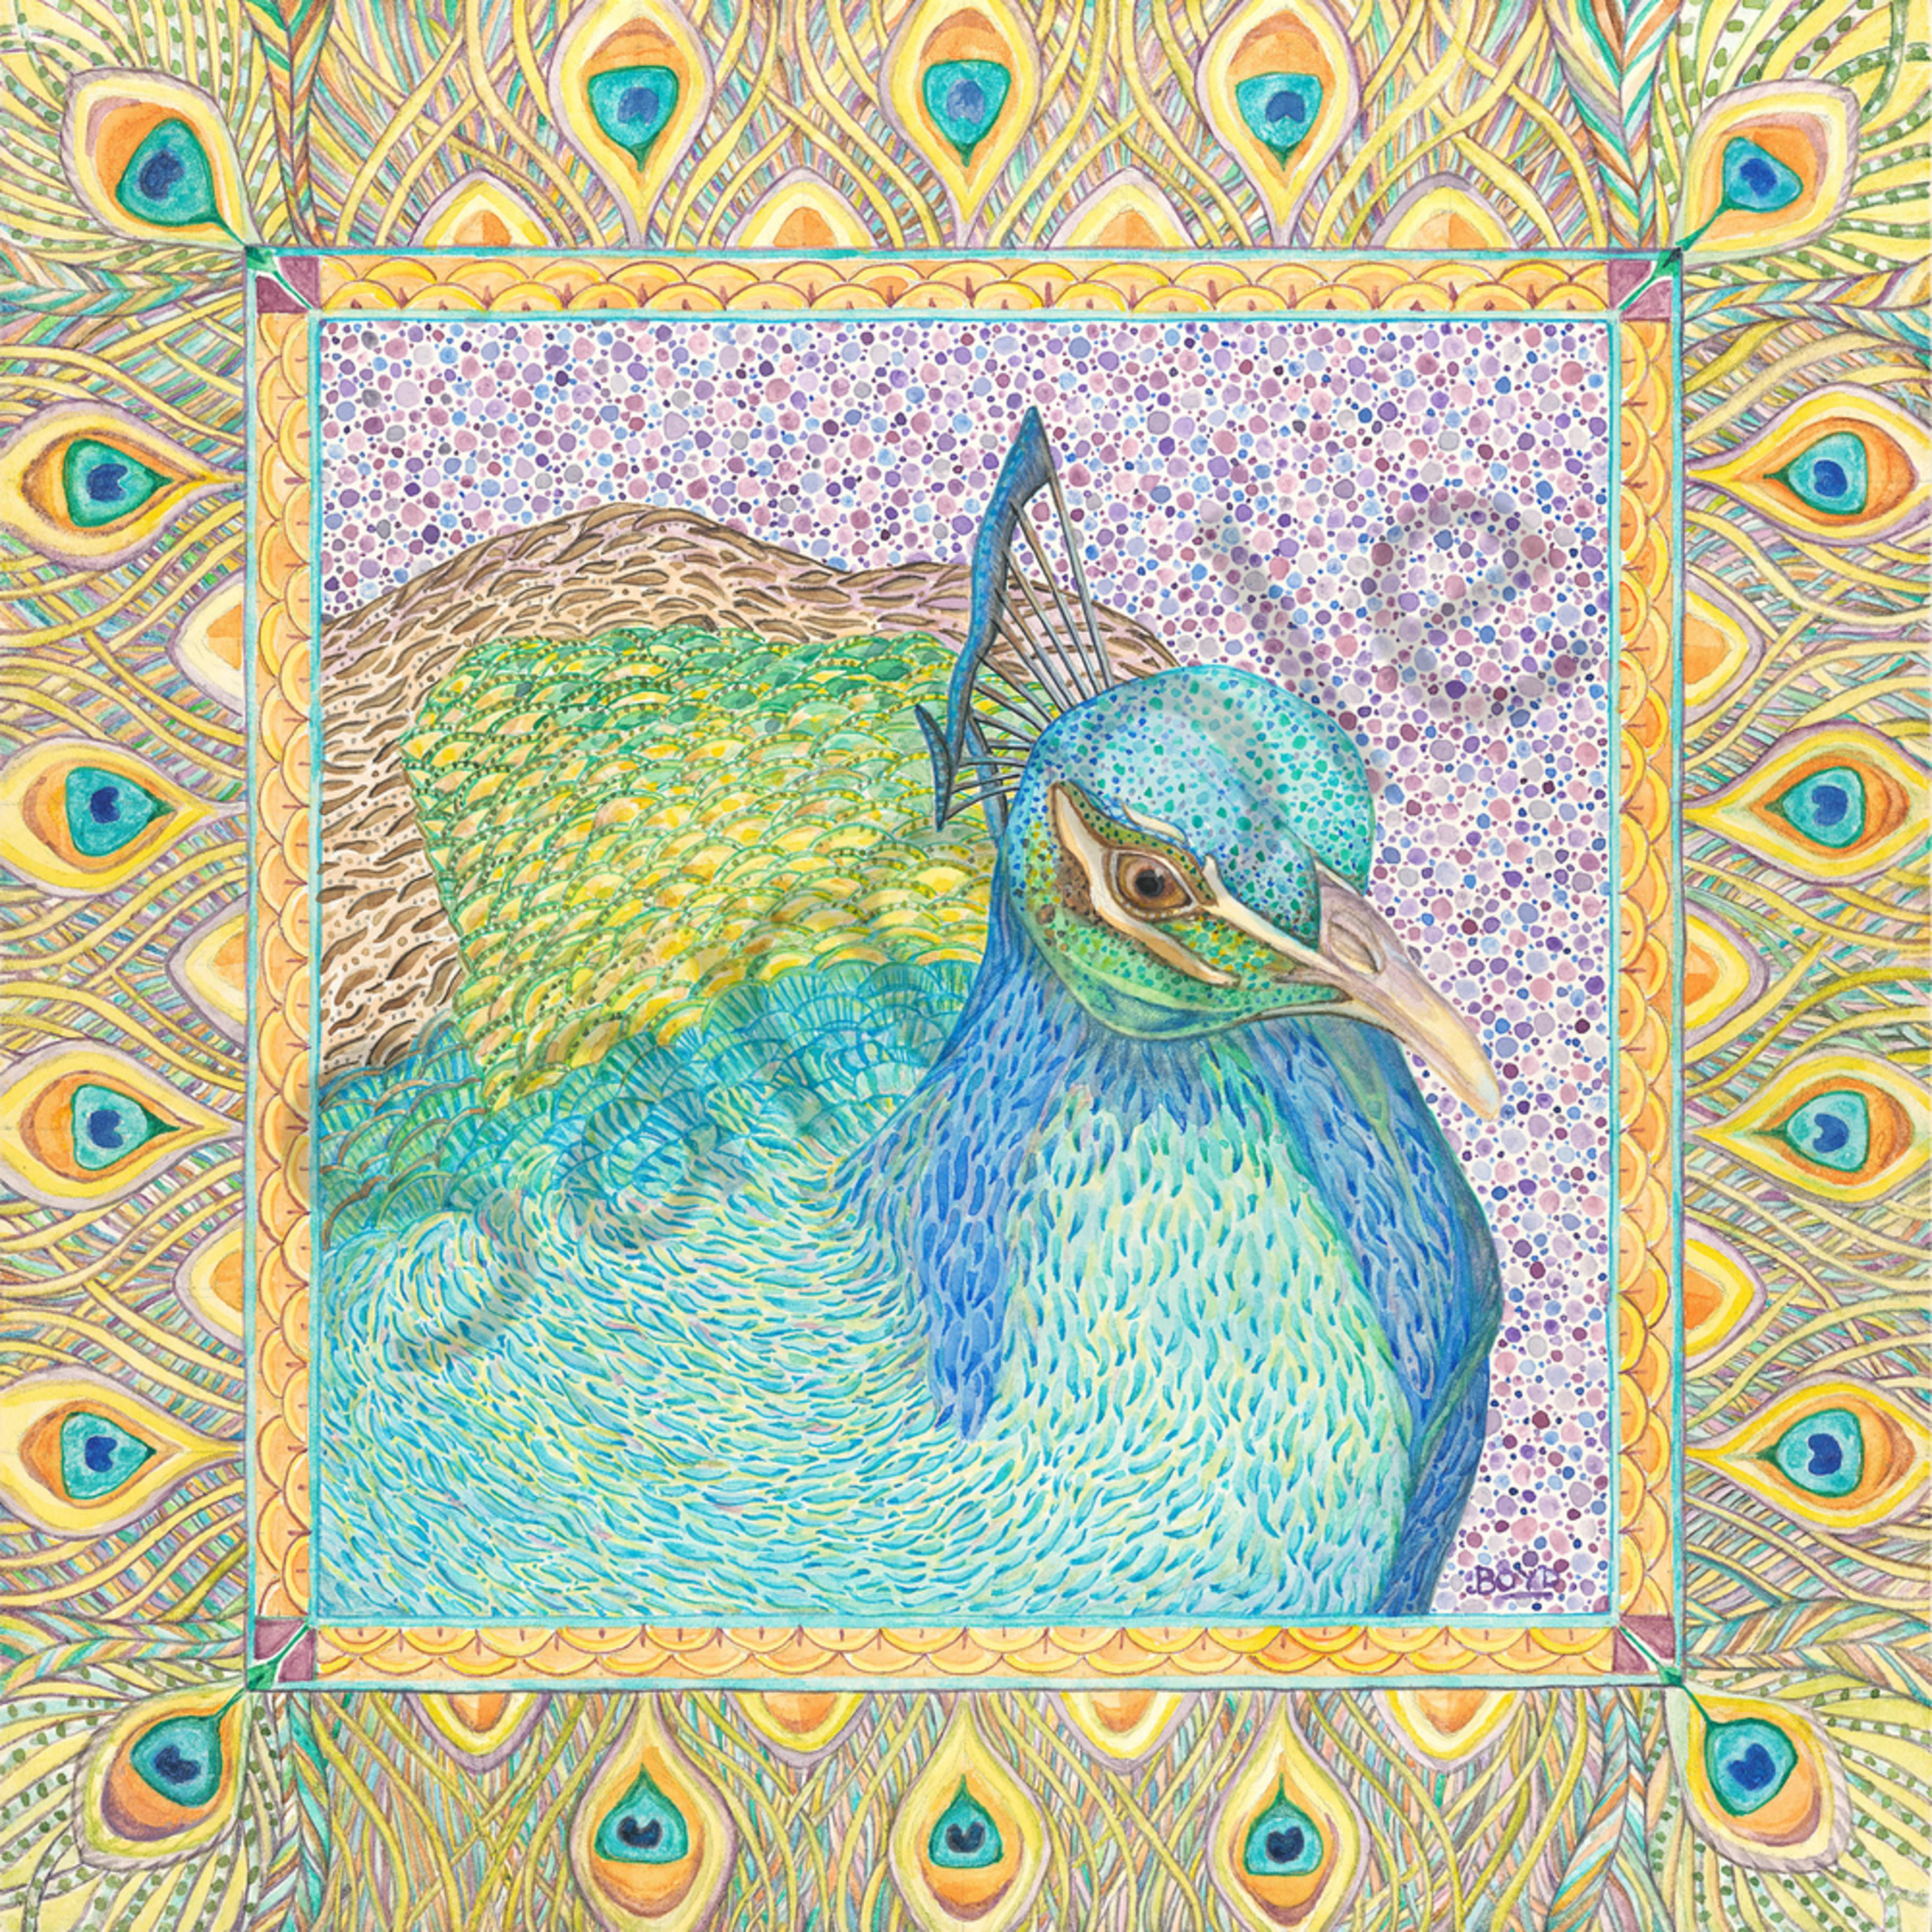 Indian peafowl med res g46lsn